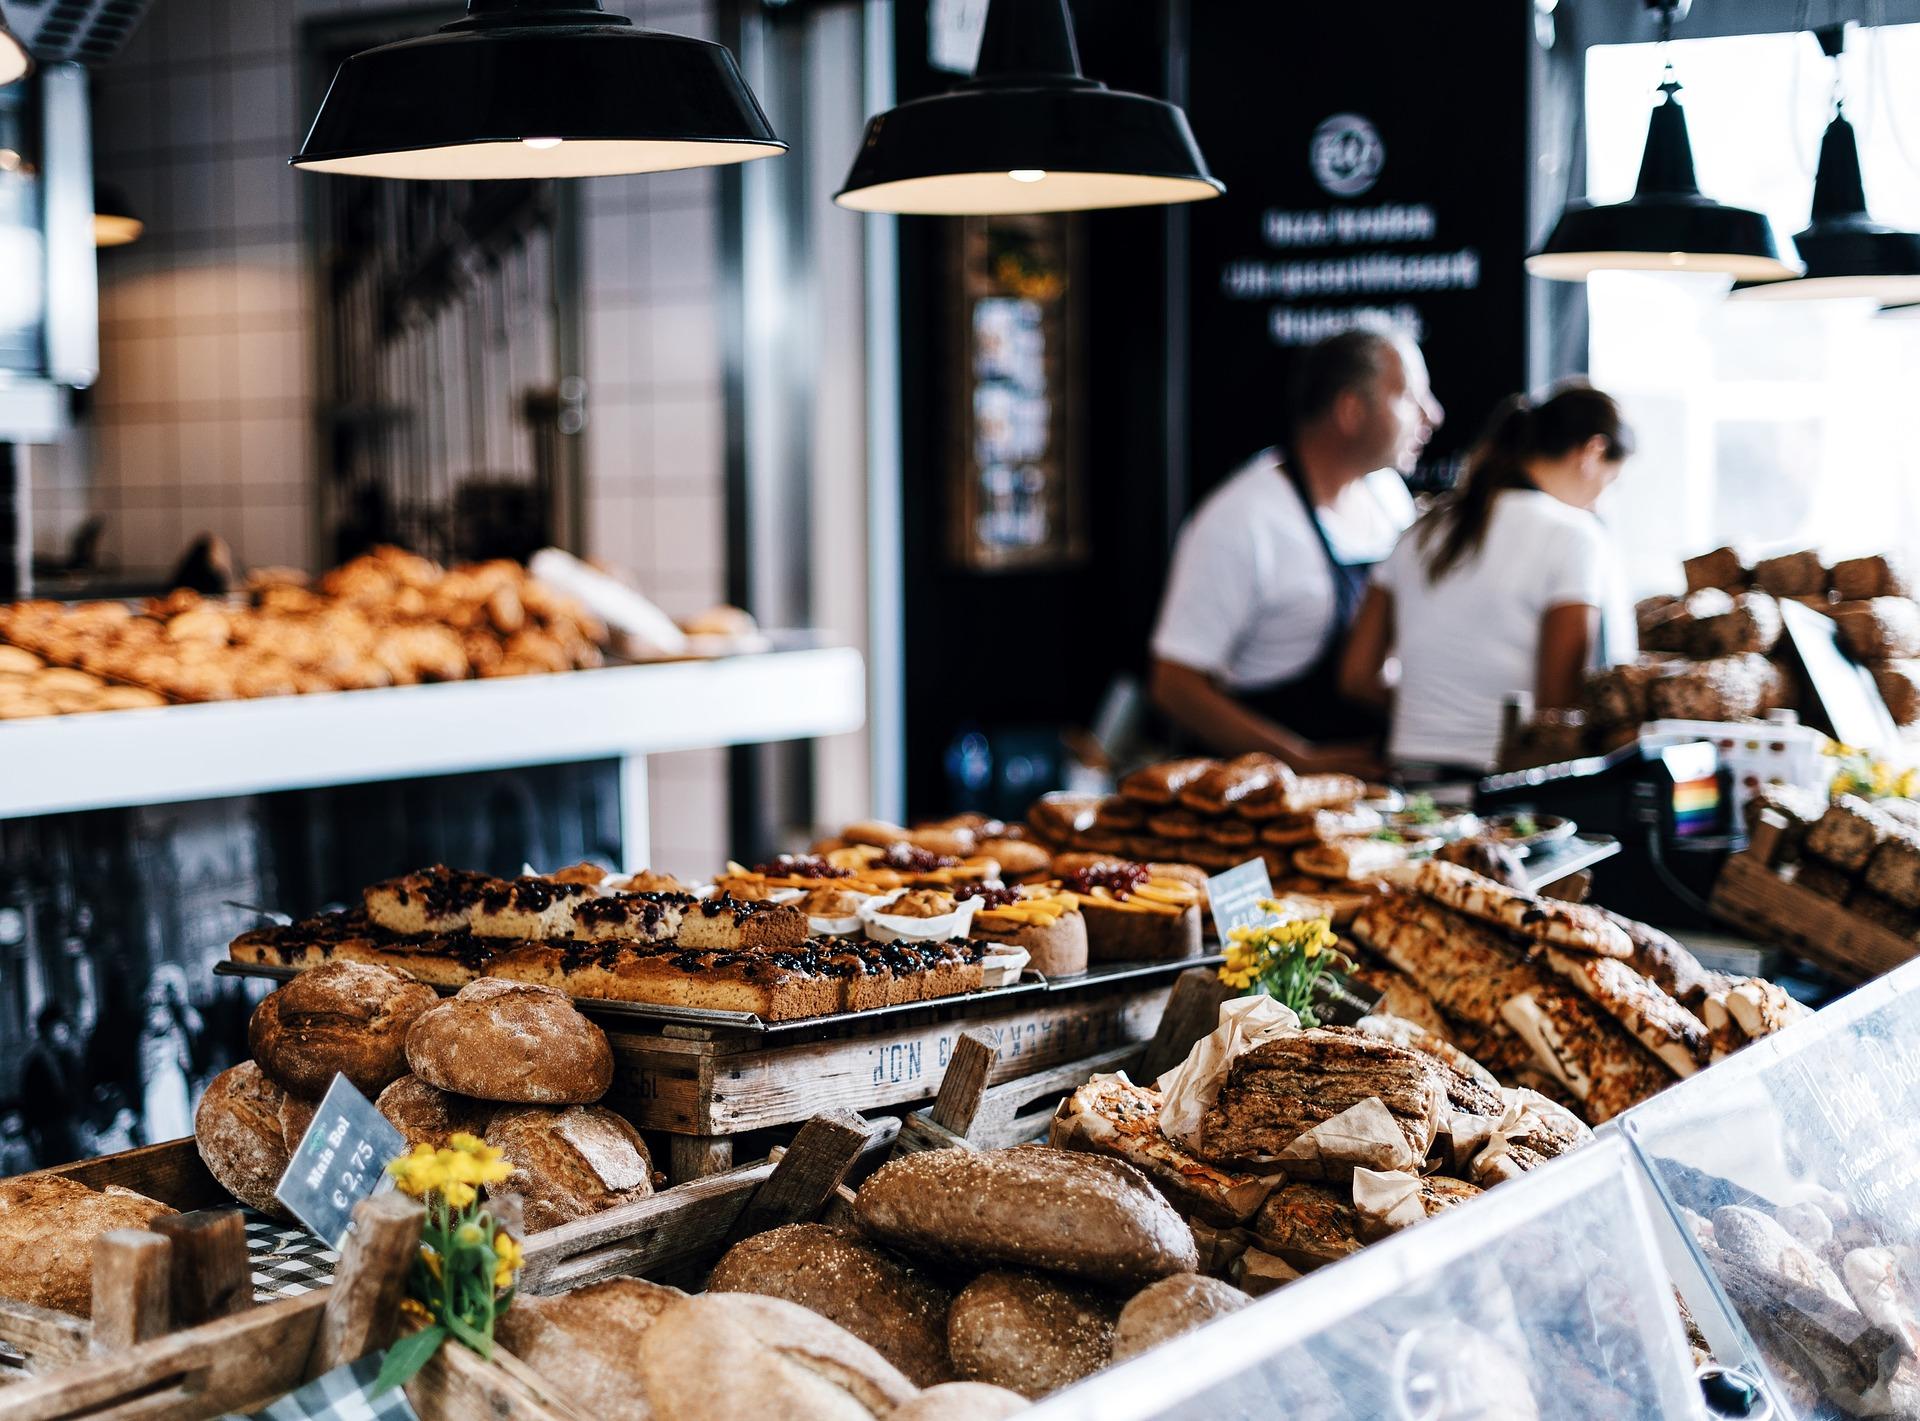 Choisir son fournisseur en équipement de boulangerie